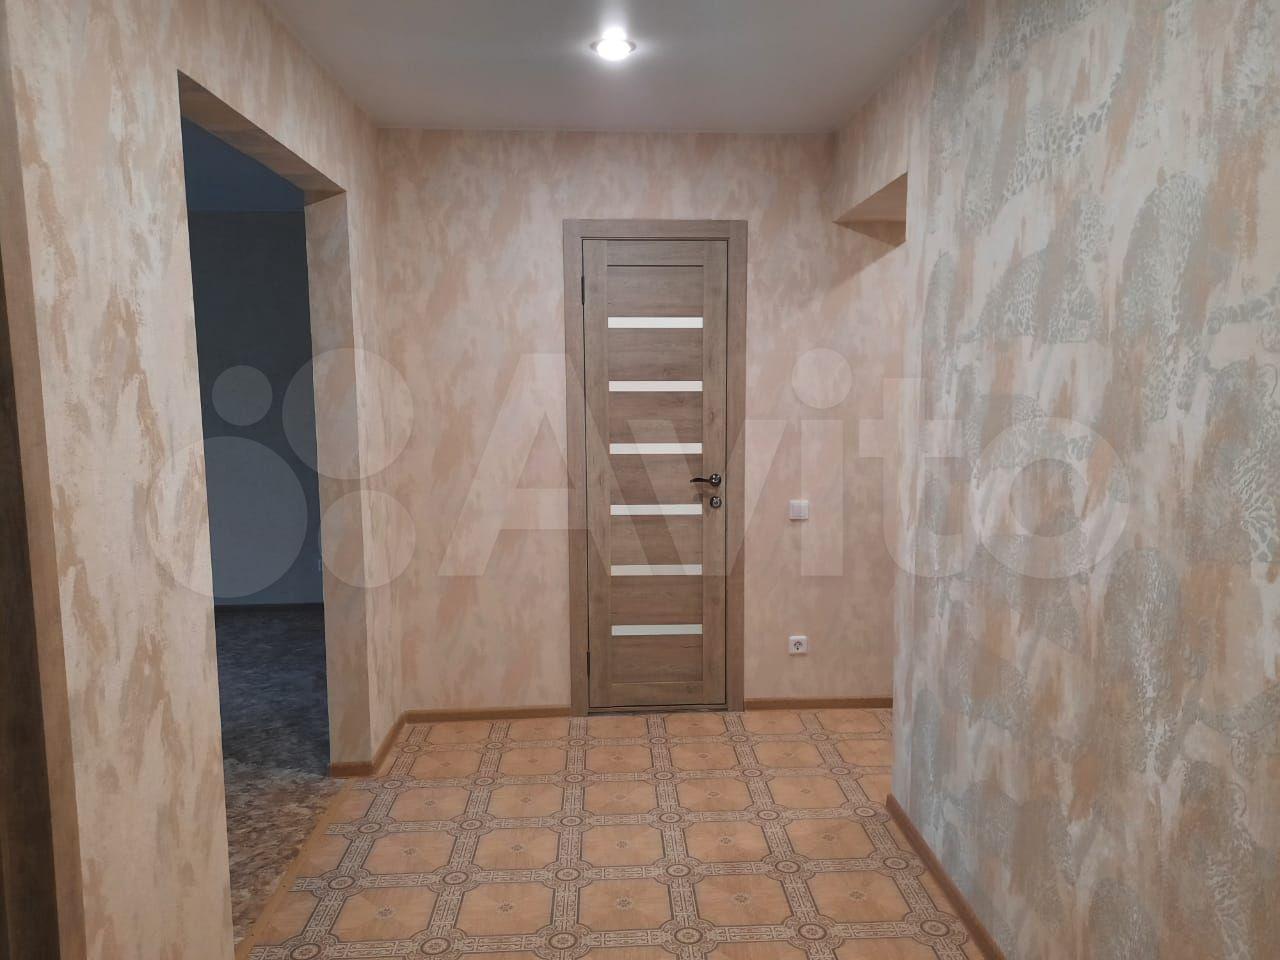 2-к квартира, 56 м², 3/5 эт.  89276808480 купить 3